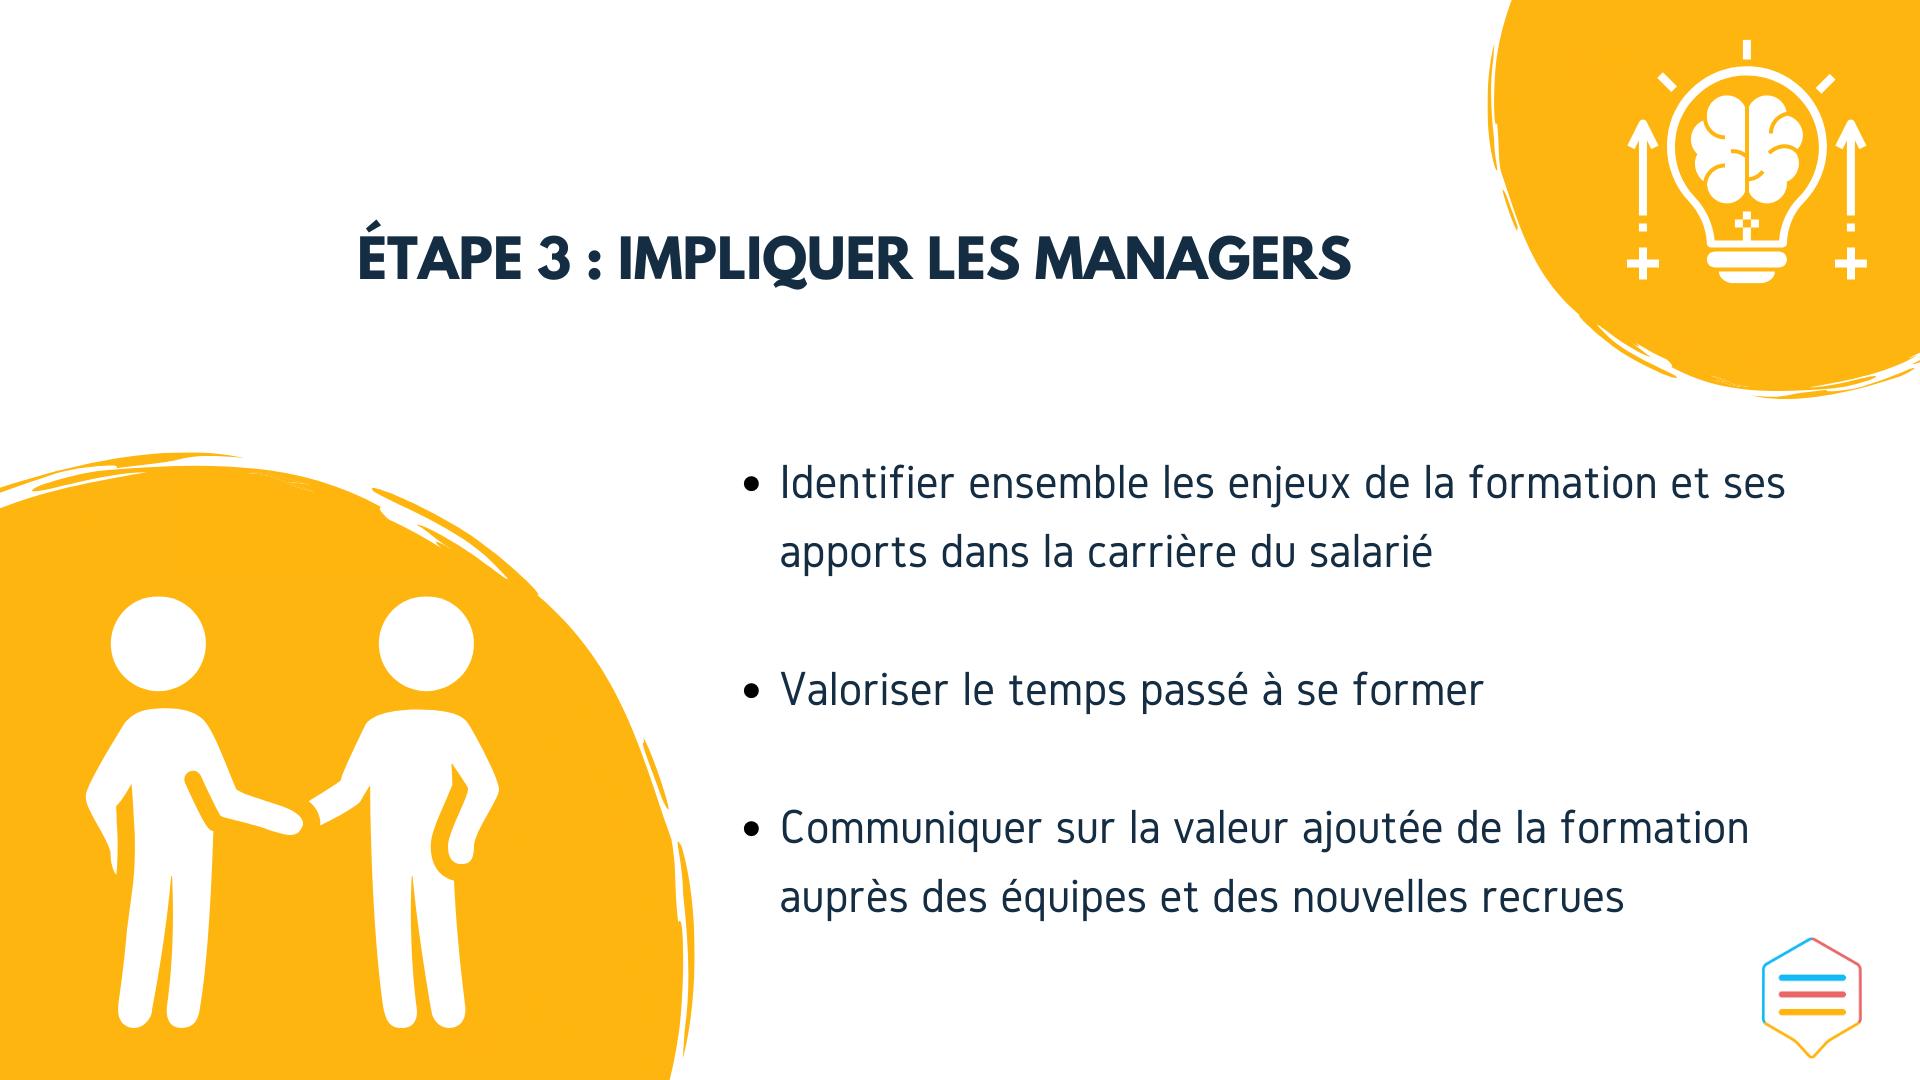 Impliquer les managers